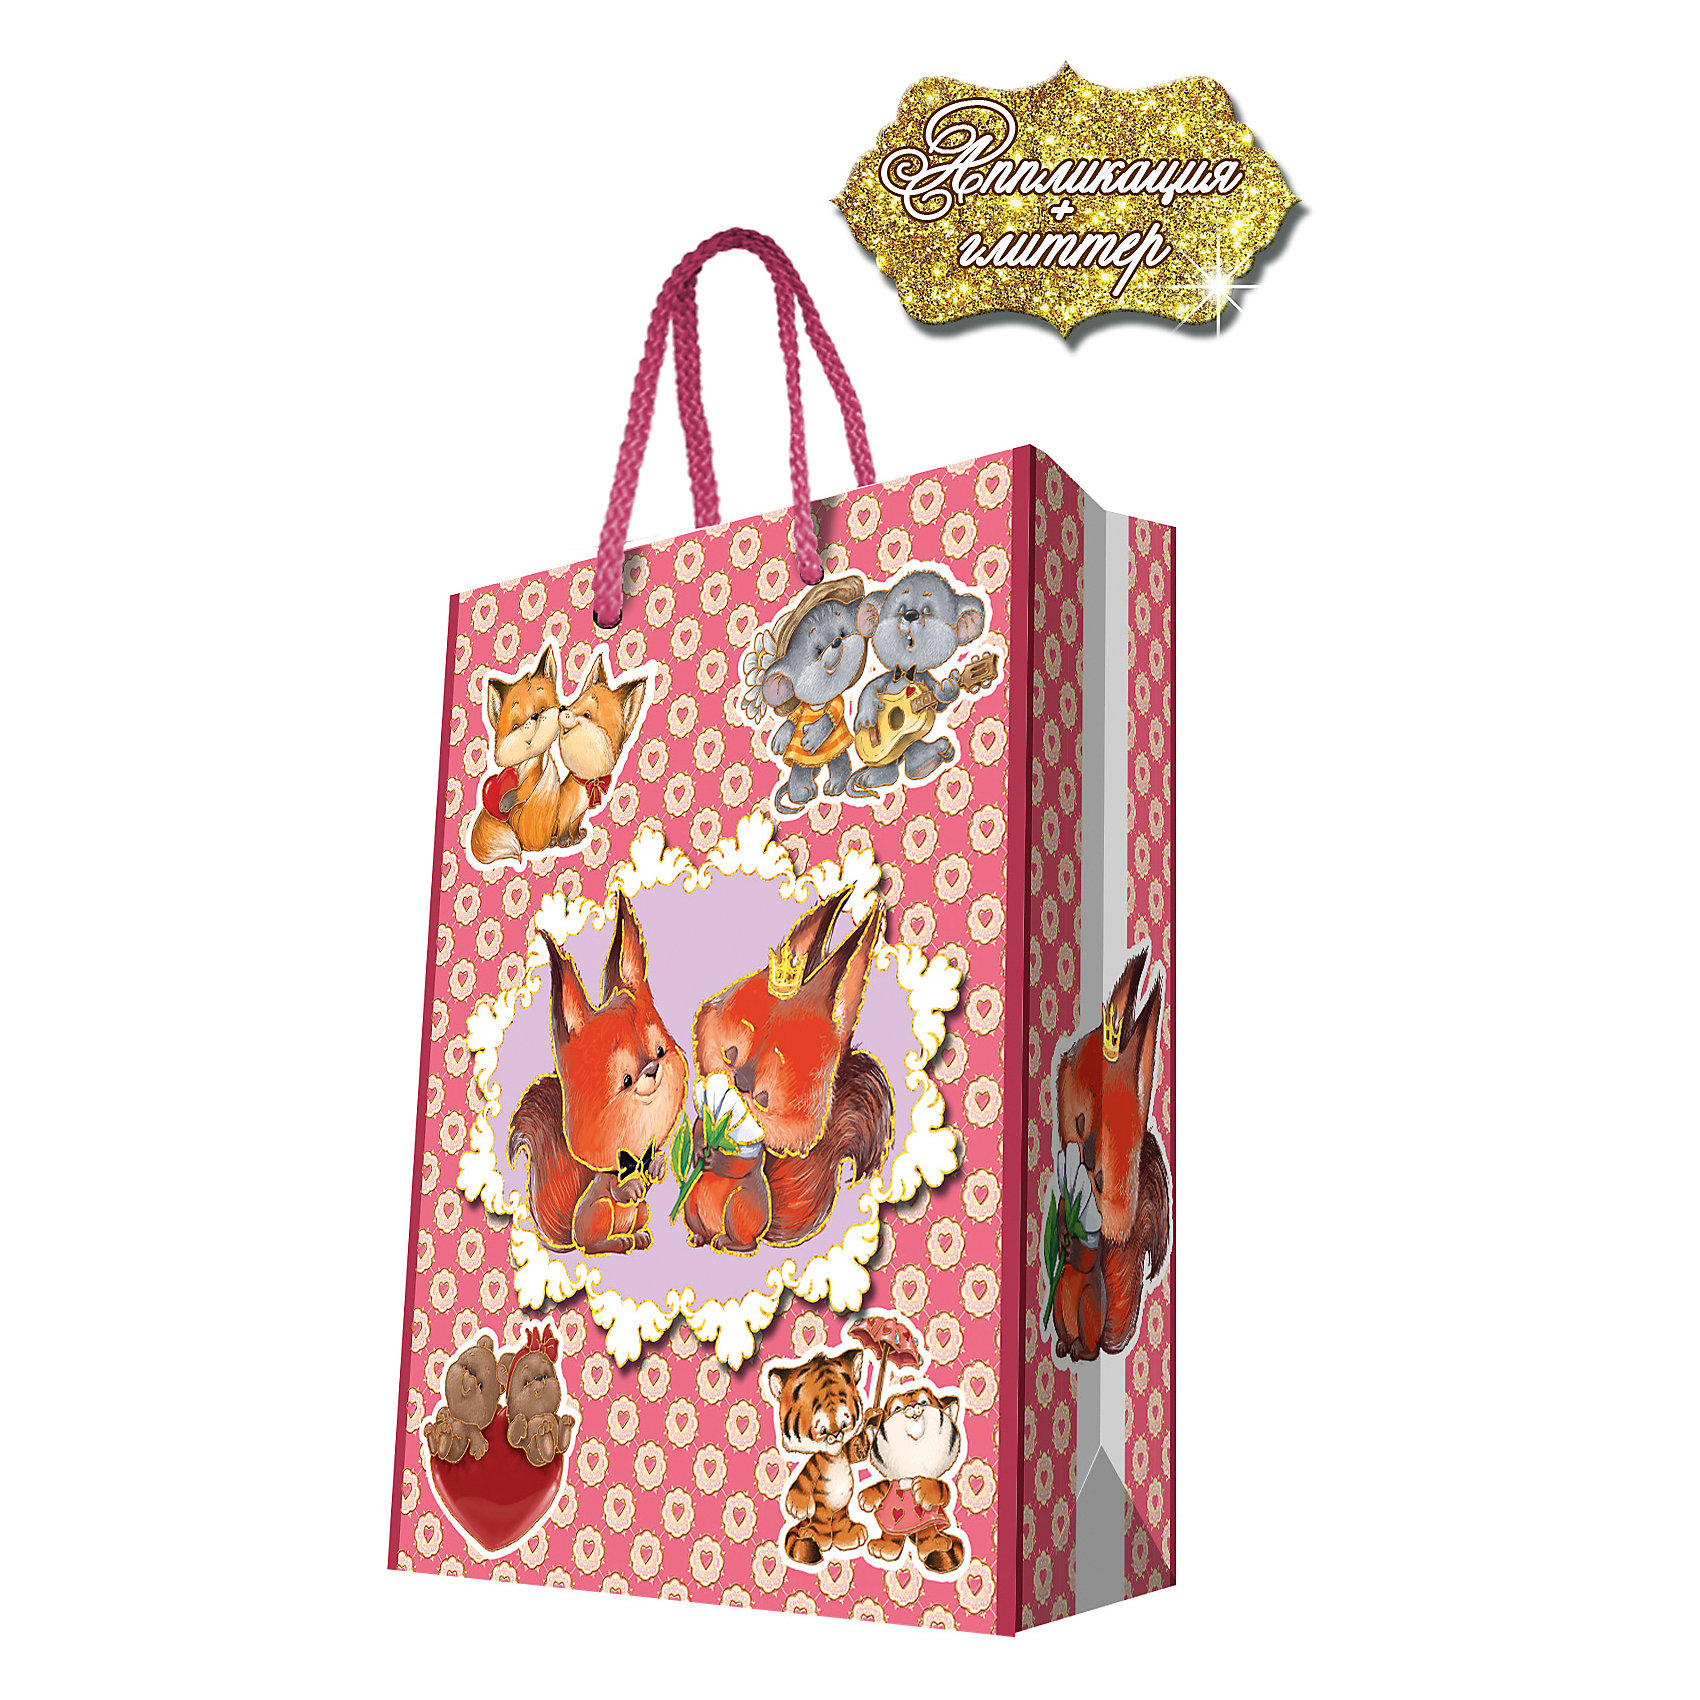 Подарочный пакет Зверята 26*32,4*12,7 смВсё для праздника<br>Красиво упакованный подарок приятно получать вдвойне! Прочный красивый бумажный пакет станет прекрасным дополнением к подарку.<br><br>Дополнительная информация:<br><br>- Материал: бумага (плотность бумаги 250 г/м2).<br>- Размер: 26х32,4х12,7 cм.<br>- Ширина основания: 26 см.<br>- Эффект: ламинация.<br><br>Подарочный пакет Зверята 26х32,4х12,7 см, можно купить в нашем магазине.<br><br>Ширина мм: 260<br>Глубина мм: 324<br>Высота мм: 127<br>Вес г: 100<br>Возраст от месяцев: 36<br>Возраст до месяцев: 2147483647<br>Пол: Женский<br>Возраст: Детский<br>SKU: 4548403